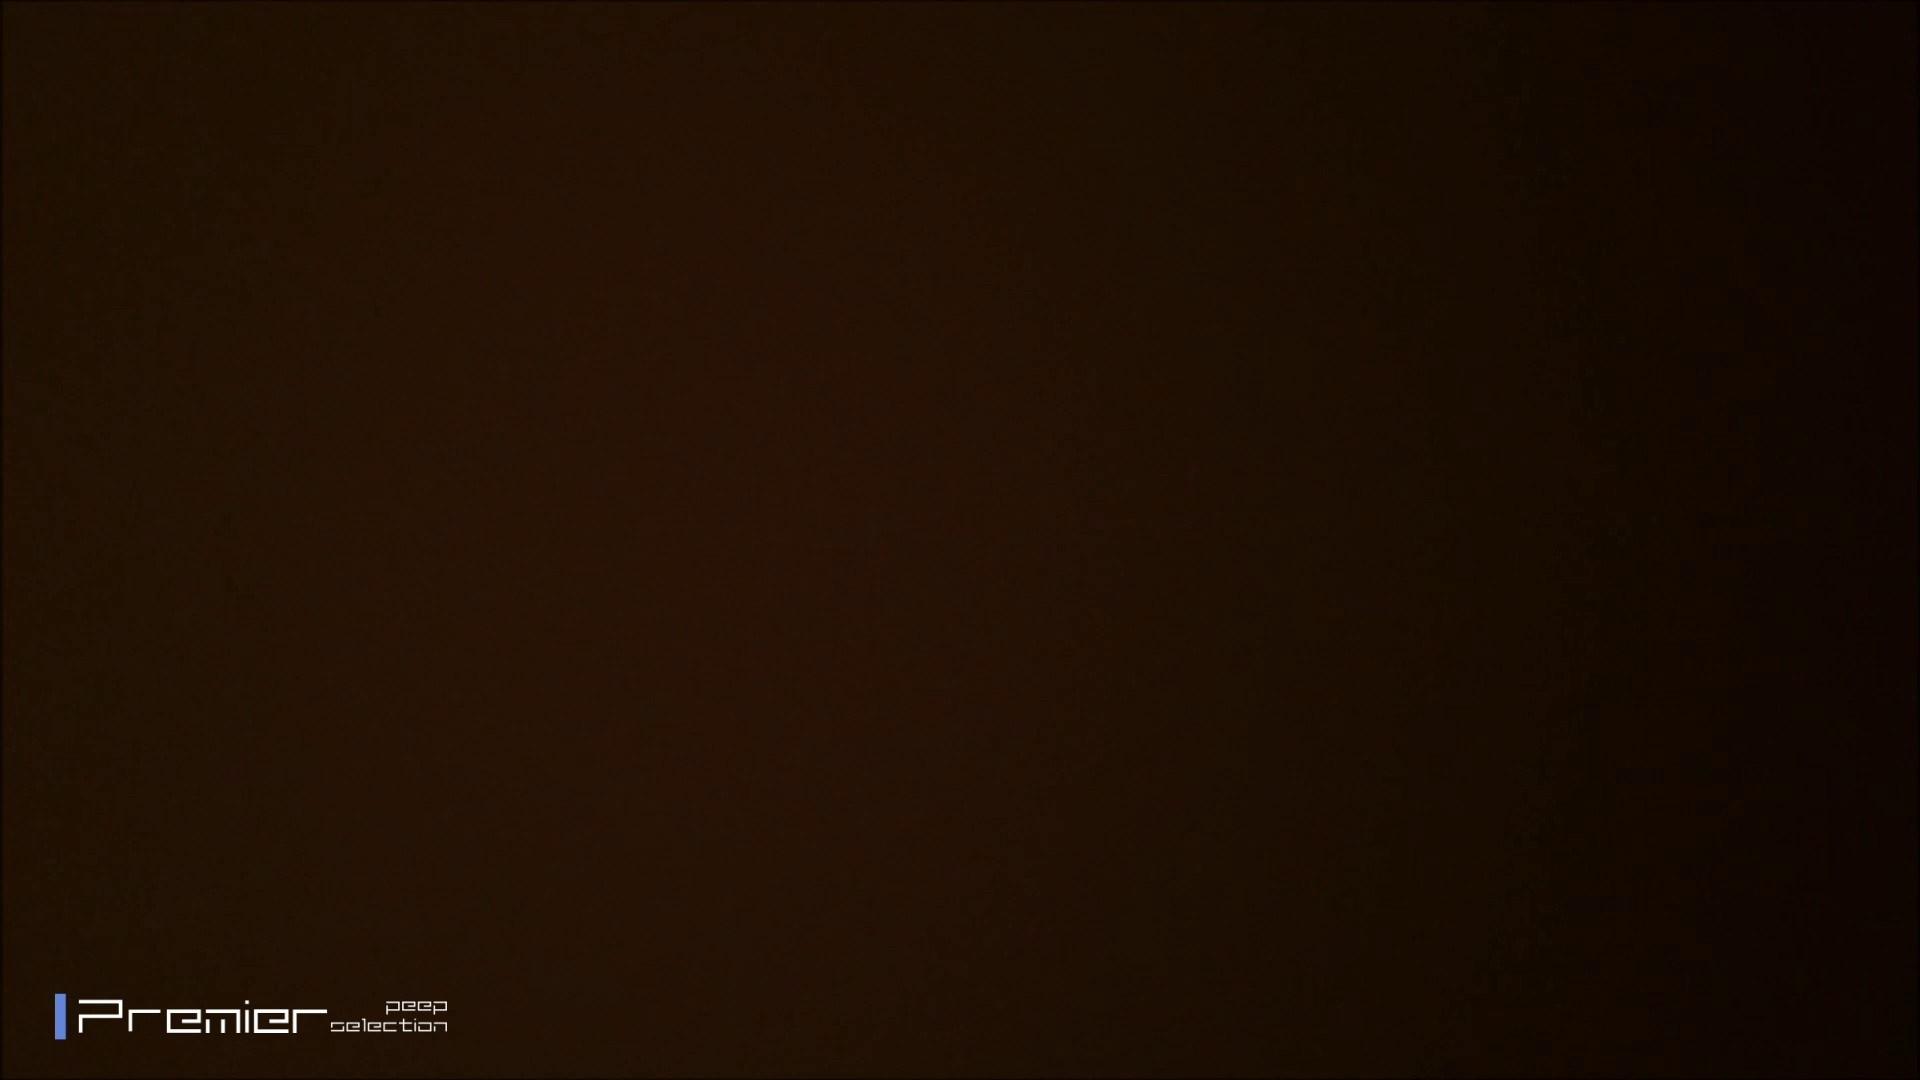 シャワーのお湯を跳ね返すお肌 乙女の風呂場 Vol.03 美しいモデル 盗み撮り動画キャプチャ 98連発 77